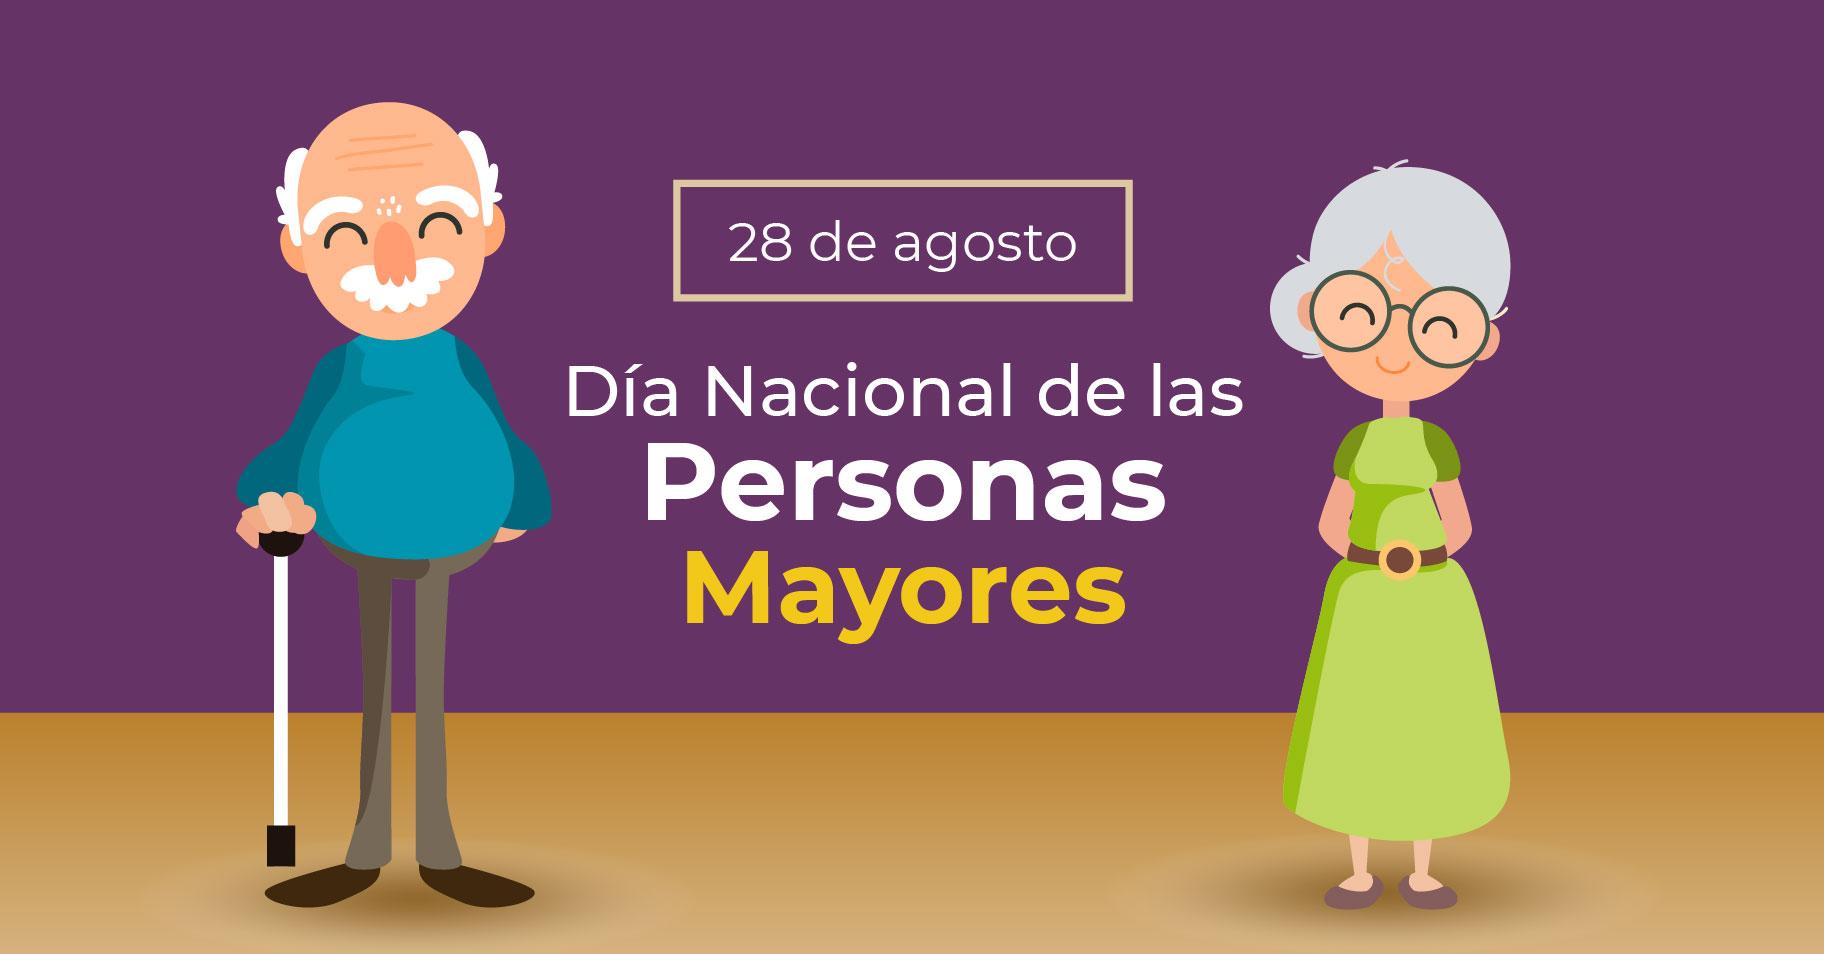 Ilustración con dos adultos mayores (hombre y mujer).